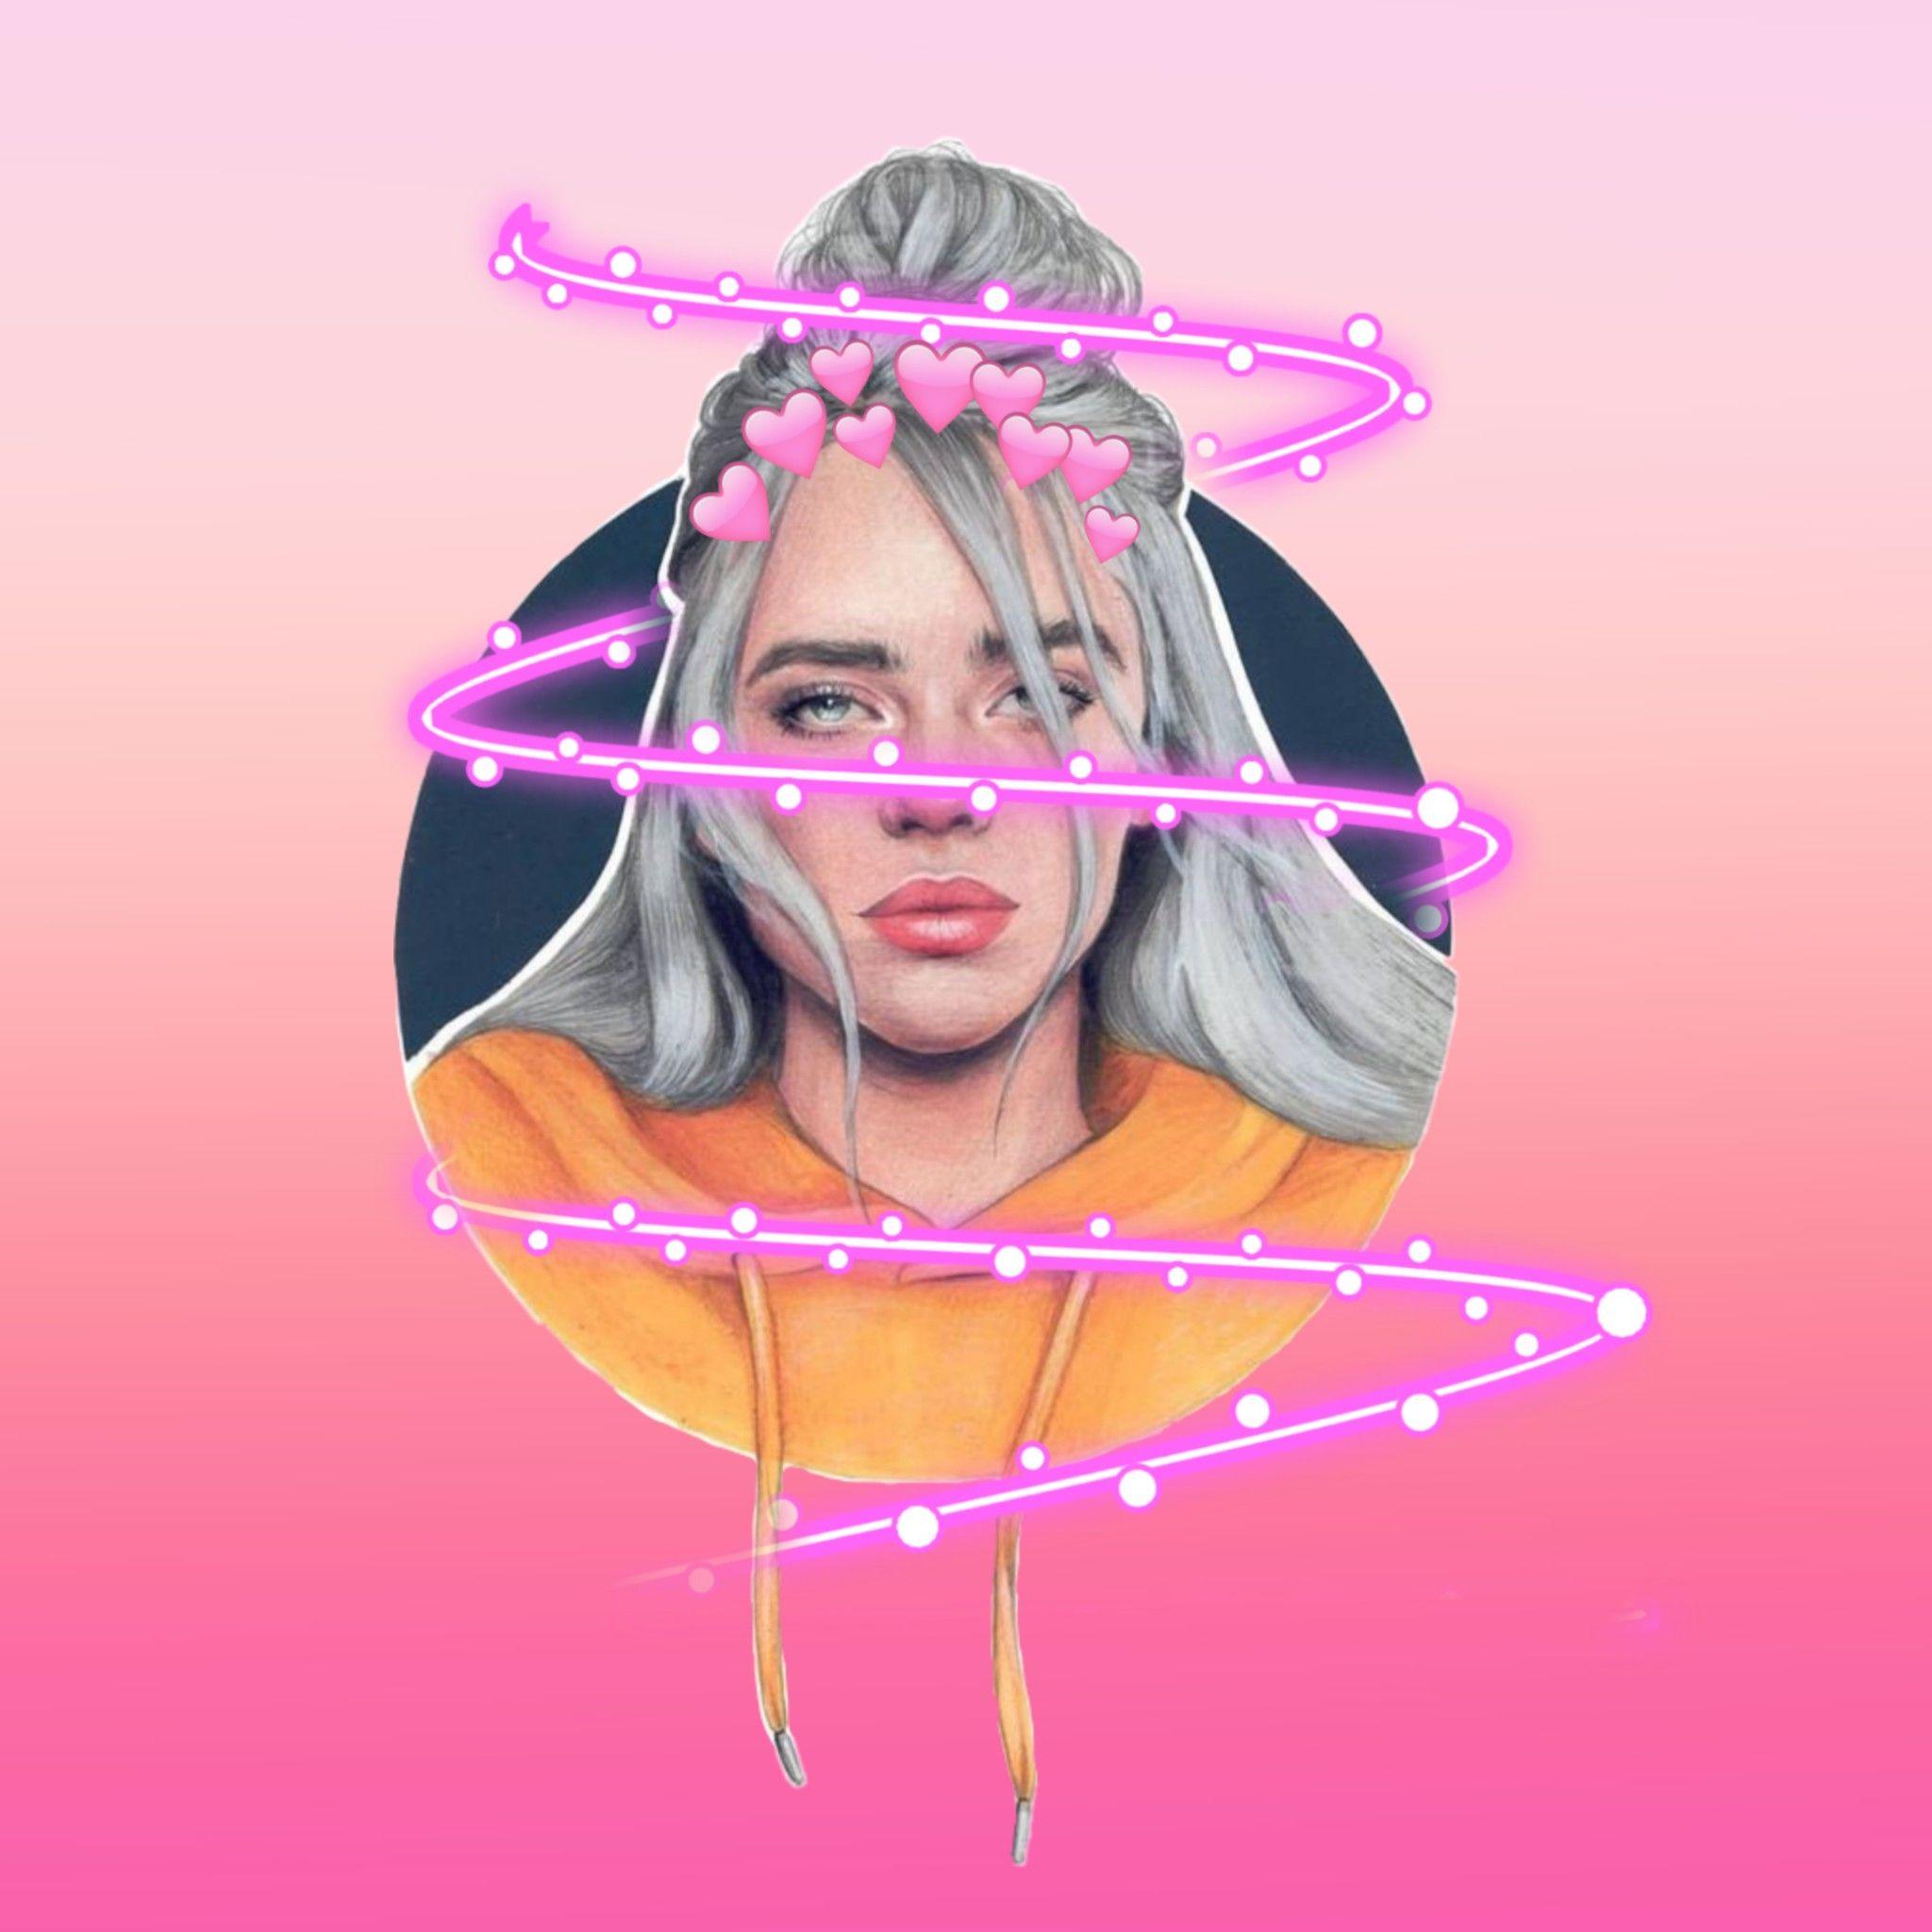 Billie Eilish Wallpaper Cartoon Billie Eilish Billie 4k Background